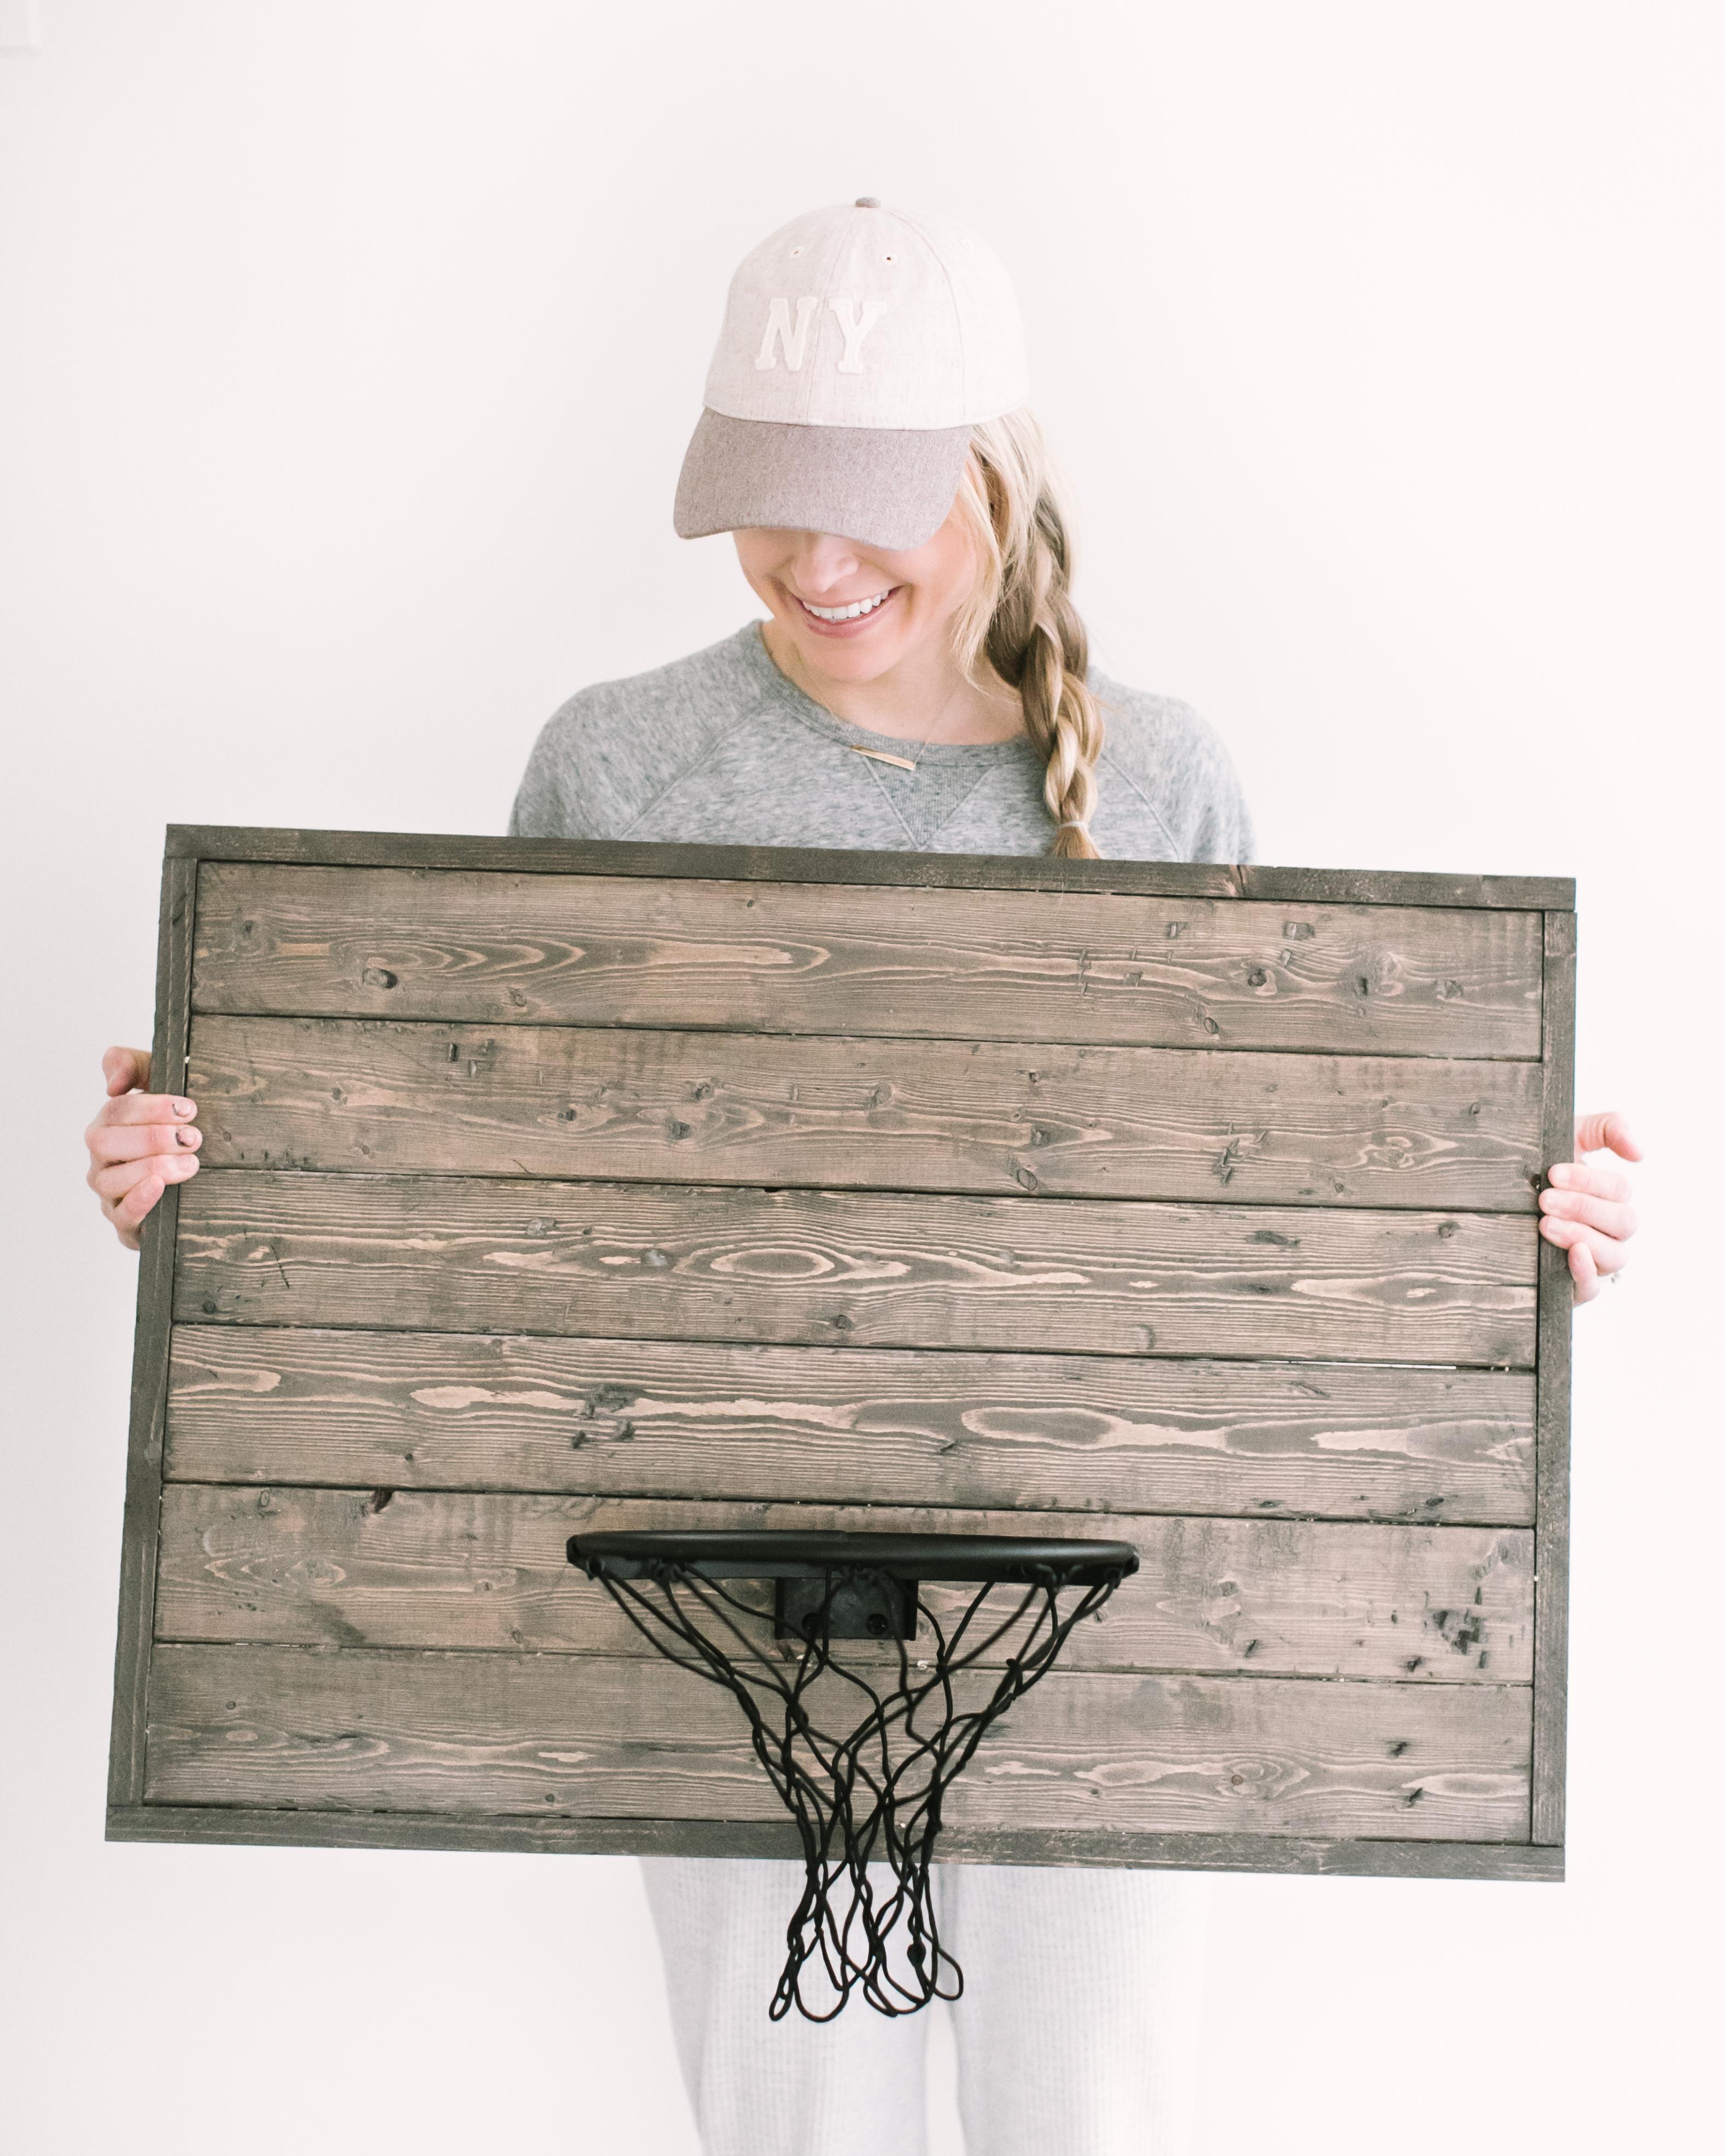 Diy Basketball Goal